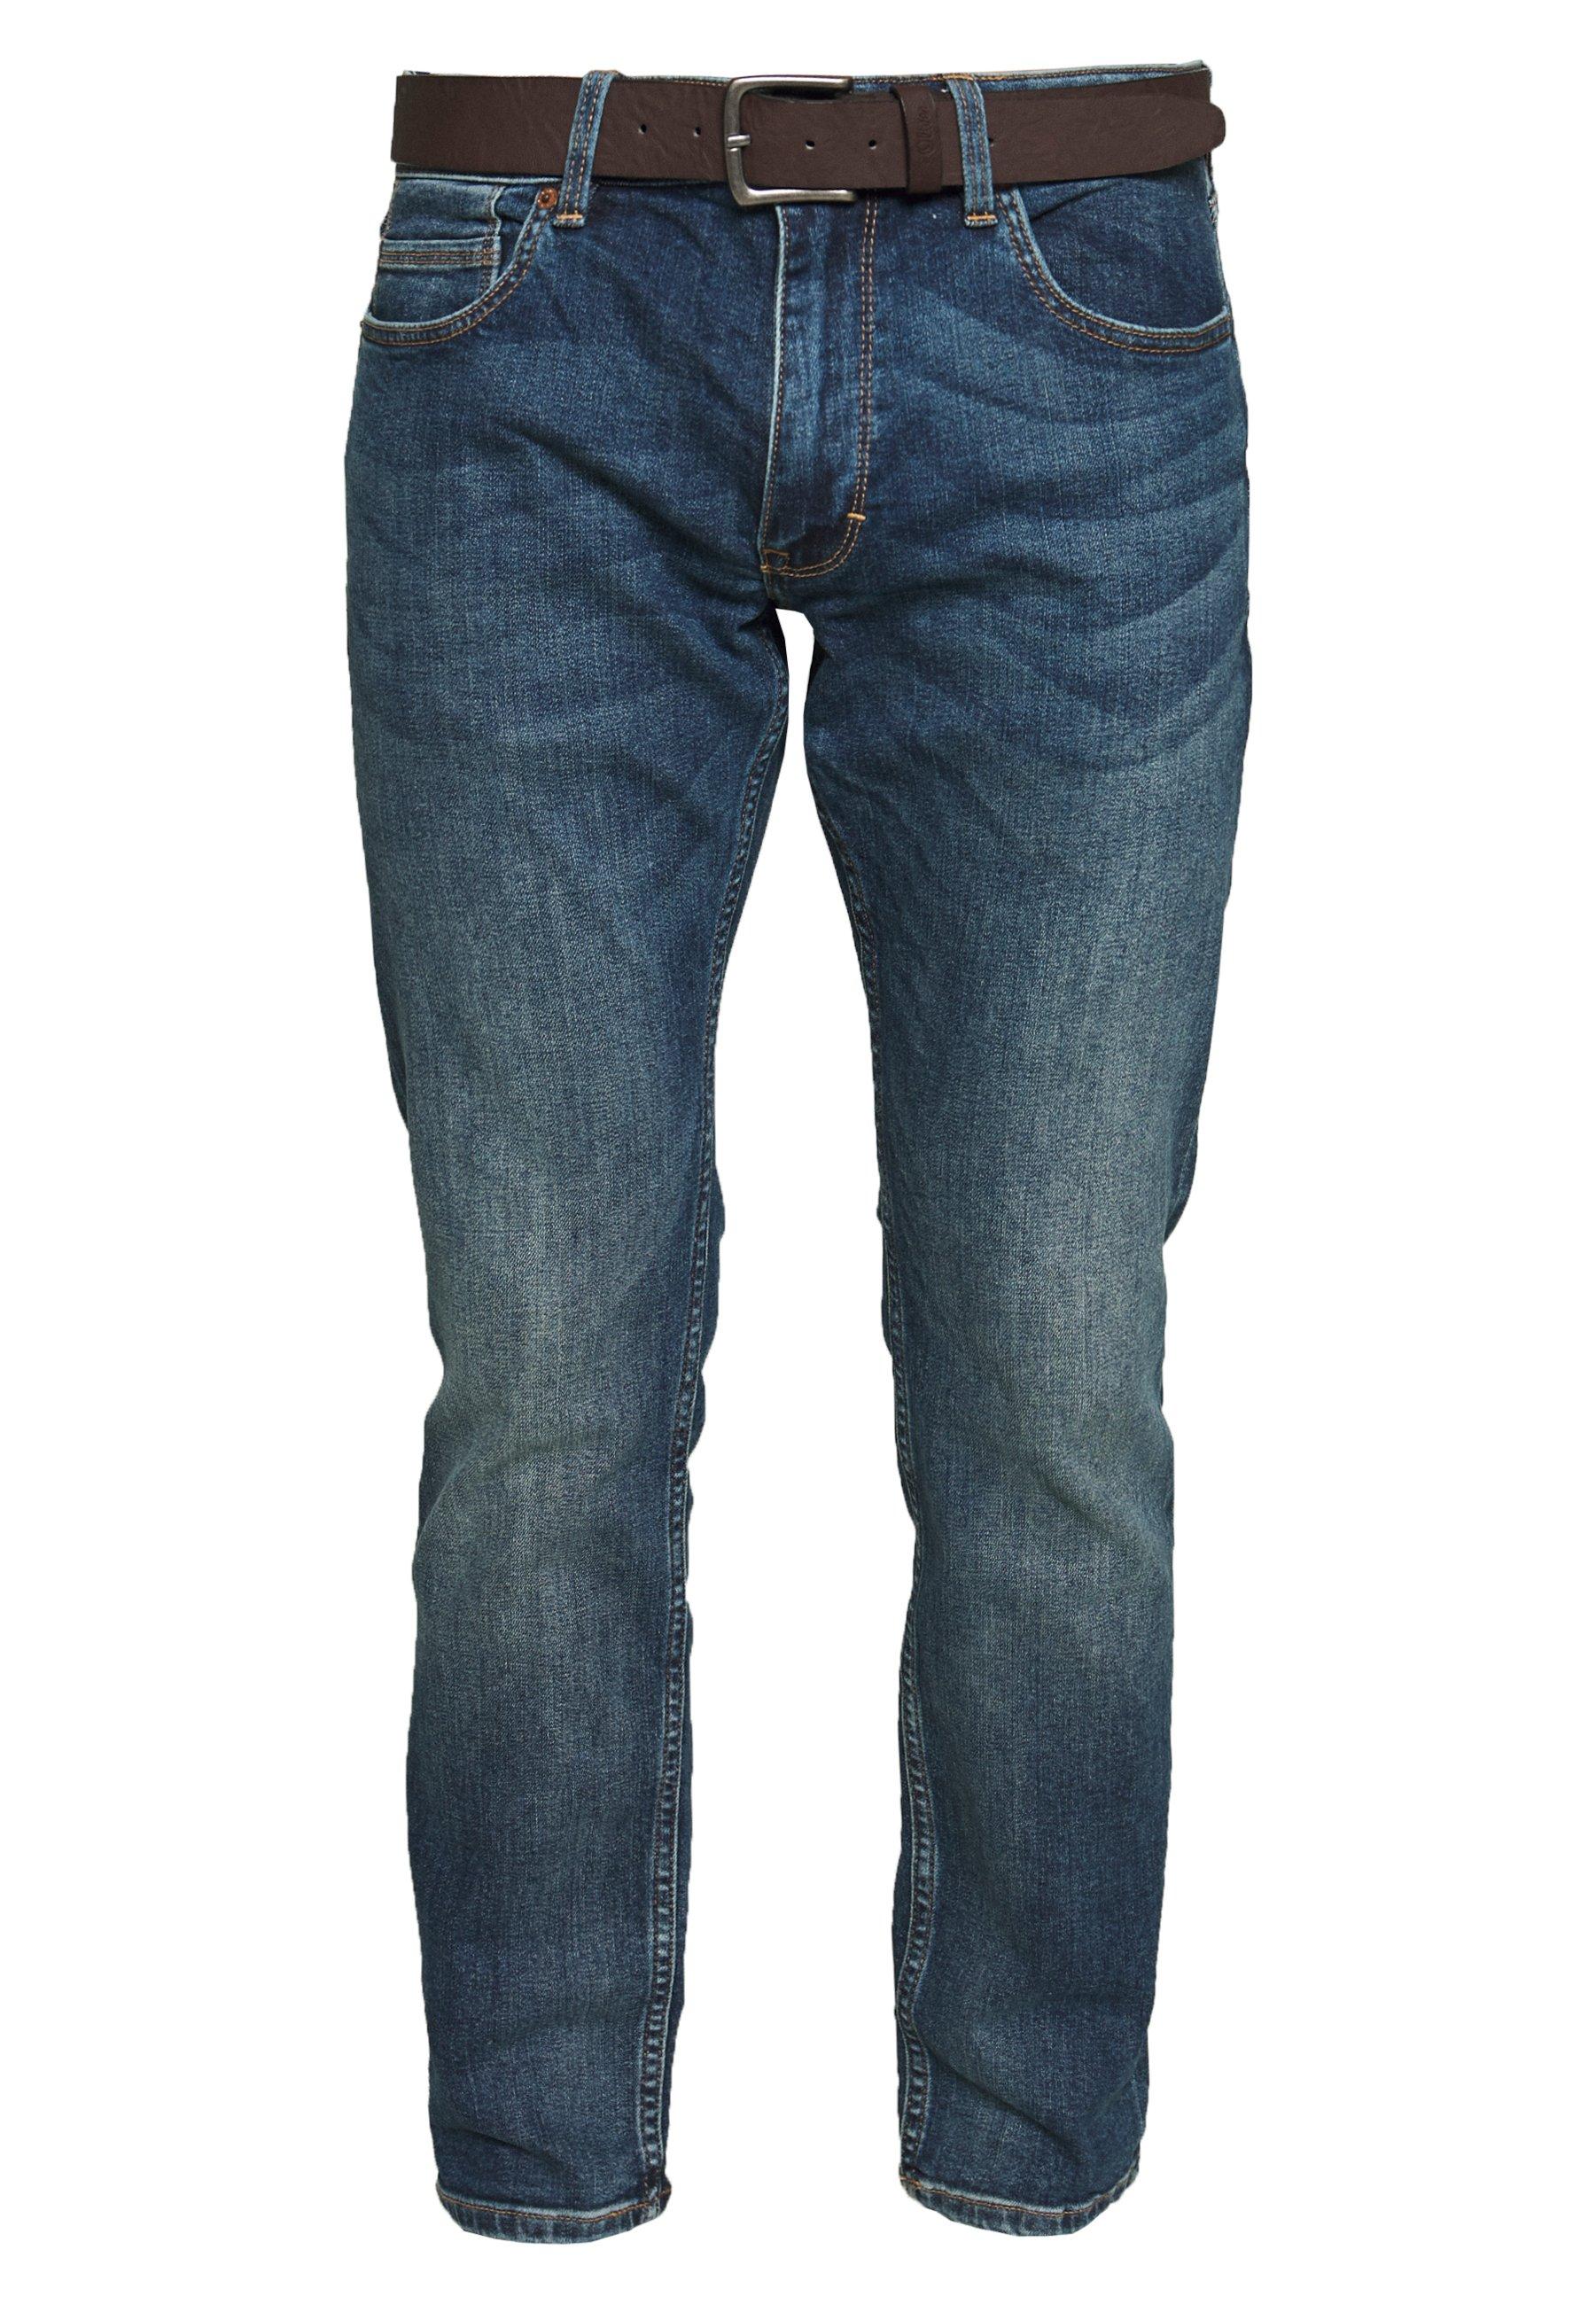 S.oliver Jeans Straight Leg - Blue Denim